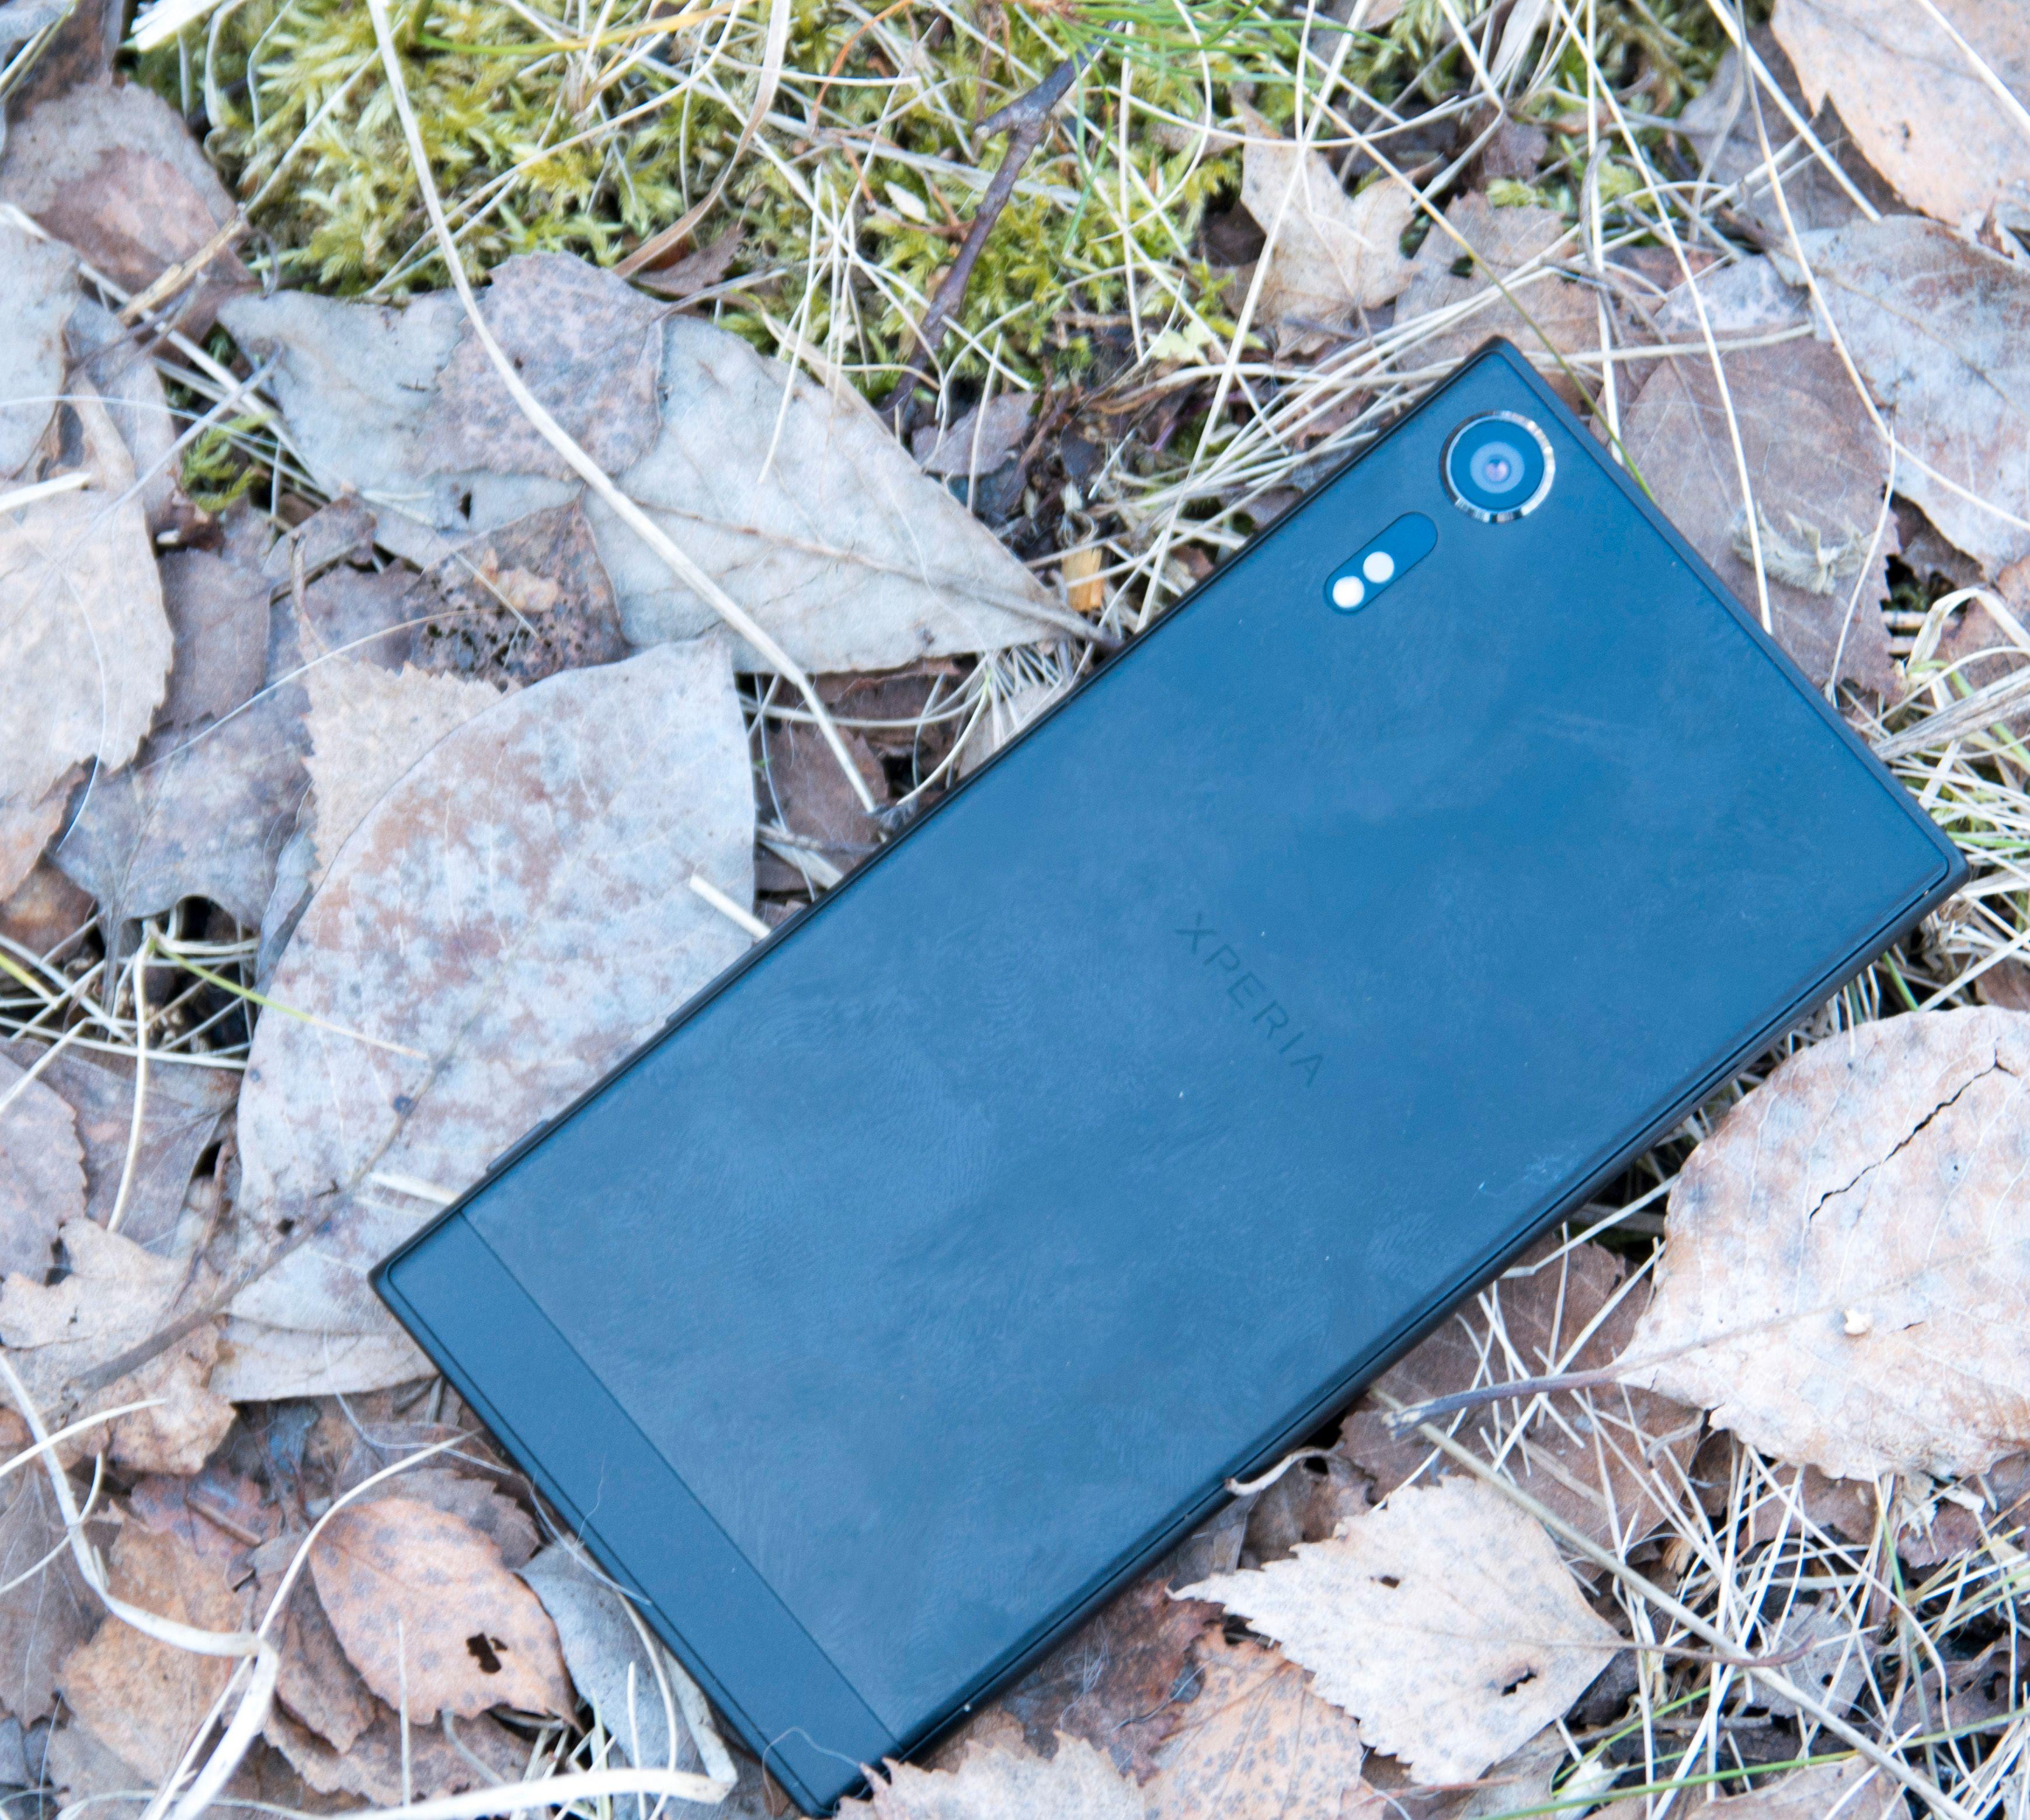 Ser man bort fra den lille kameratuten er designen ellers som på Xperia XZ. Dette er forresten en telefon som er ganske god på å samle fingeravtrykk, og det kan være vanskelig å få dem av igjen uten en våt klut eller liknende i nærheten. Bilde: Finn Jarle Kvalheim, Tek.no